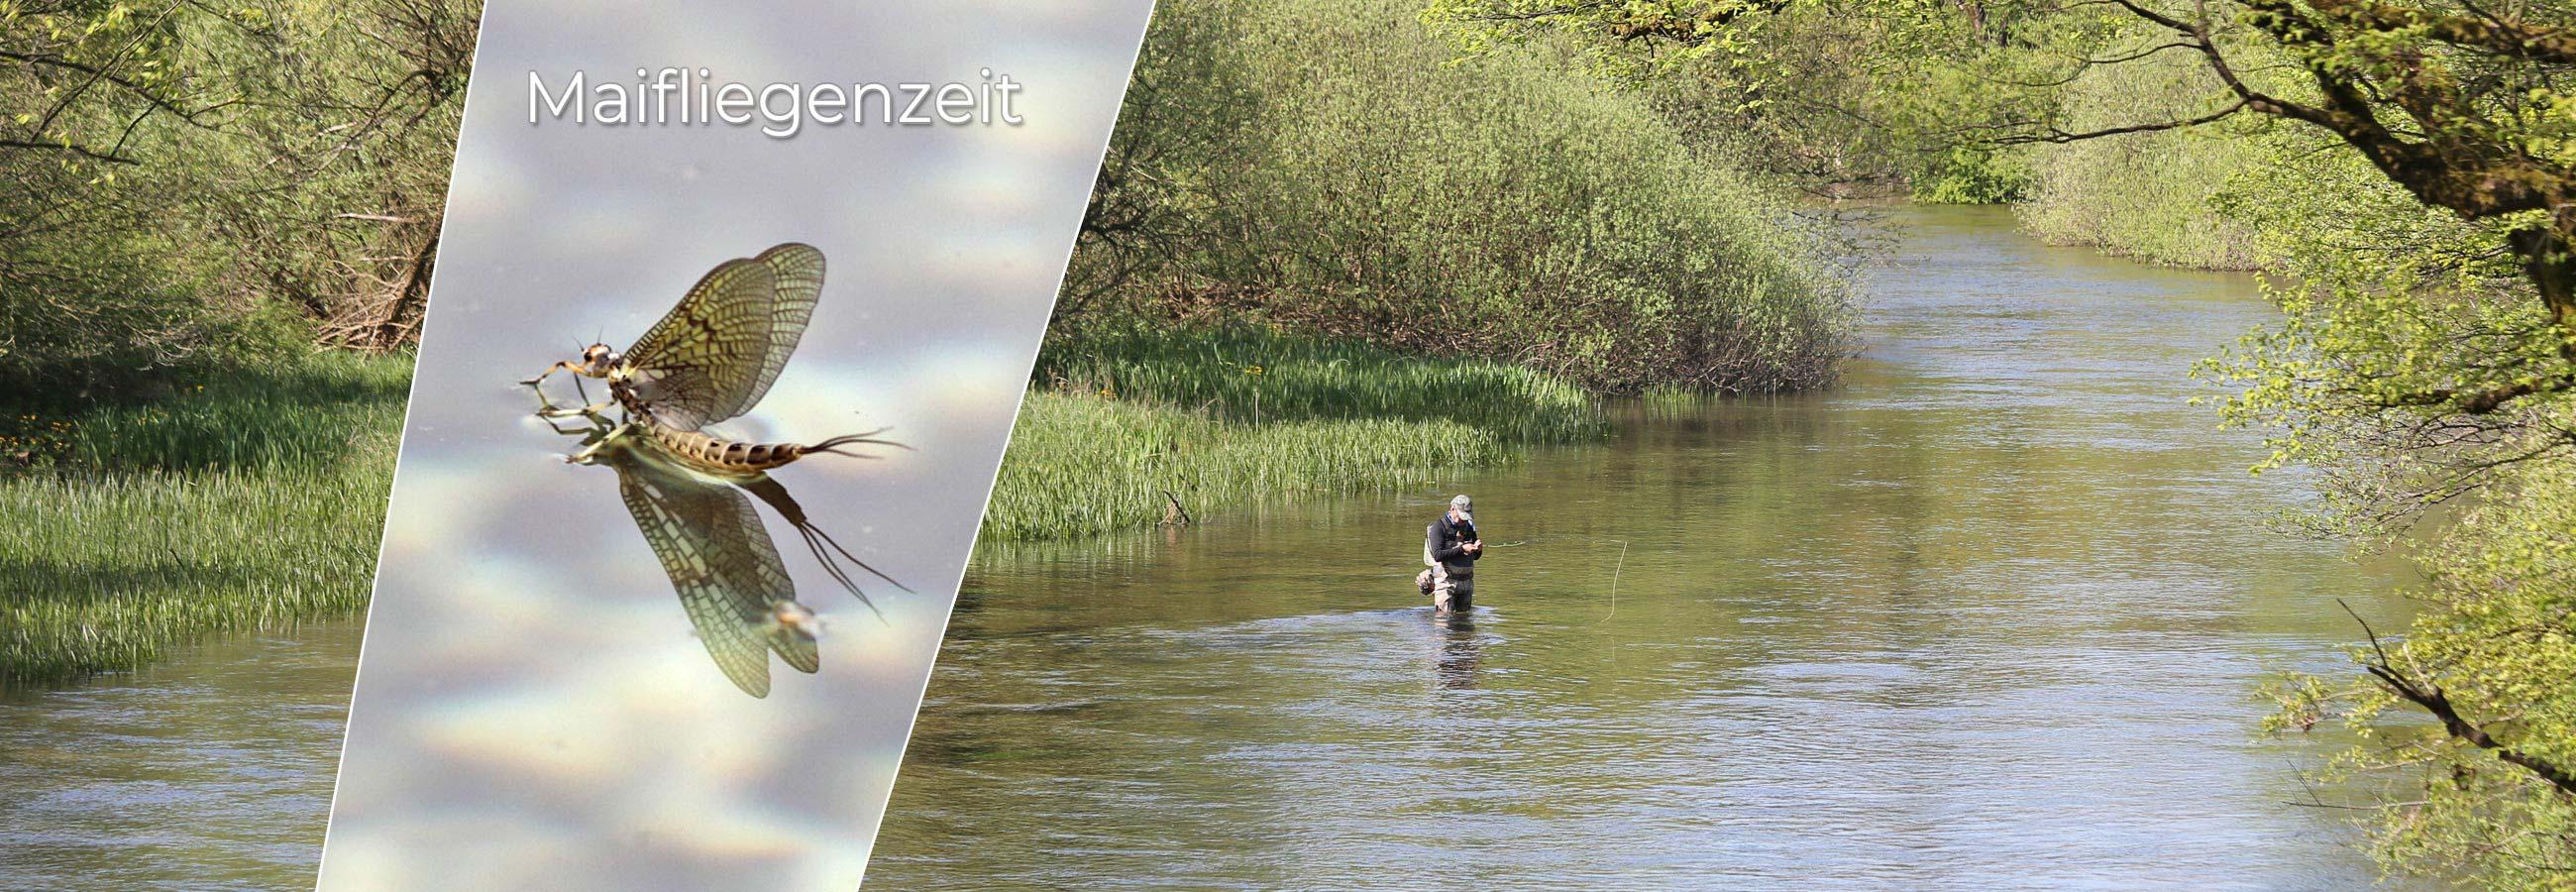 Maifliegenzeit Fliegenfischen